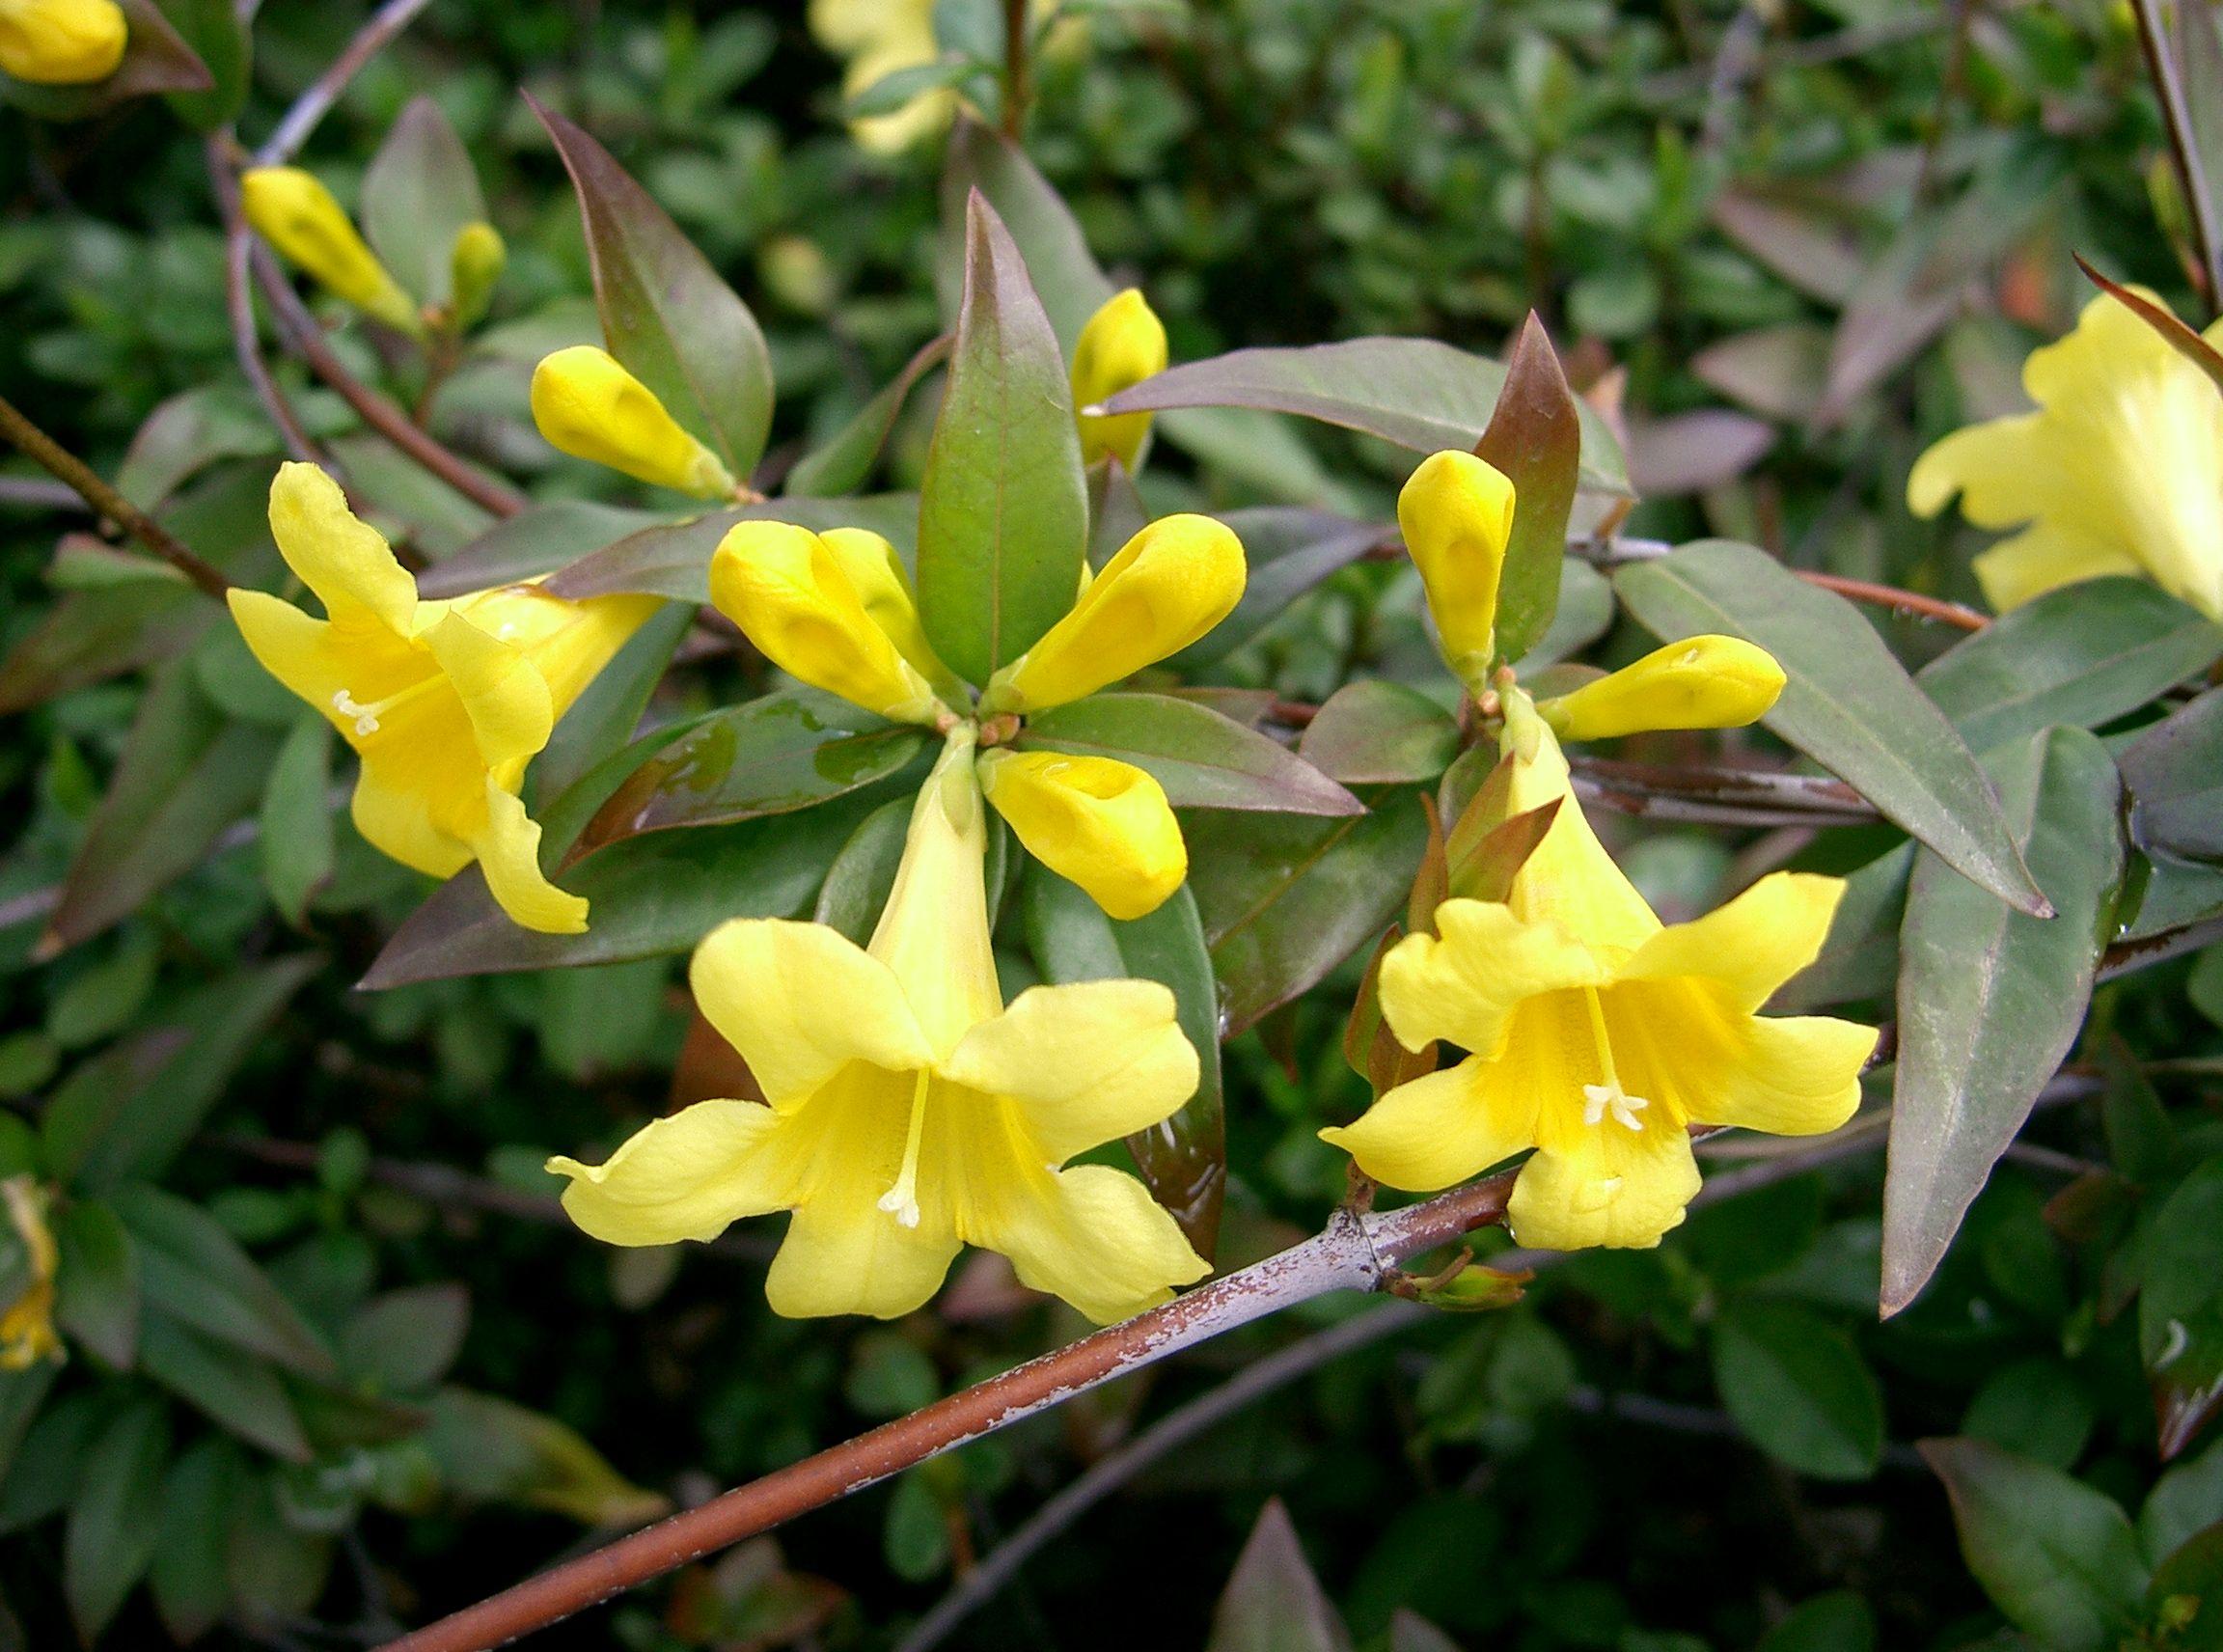 Plantes vari es plantes grimpantes et palisser floraison jaune p pini re en ligne de - Jasmin de virginie etoile ...